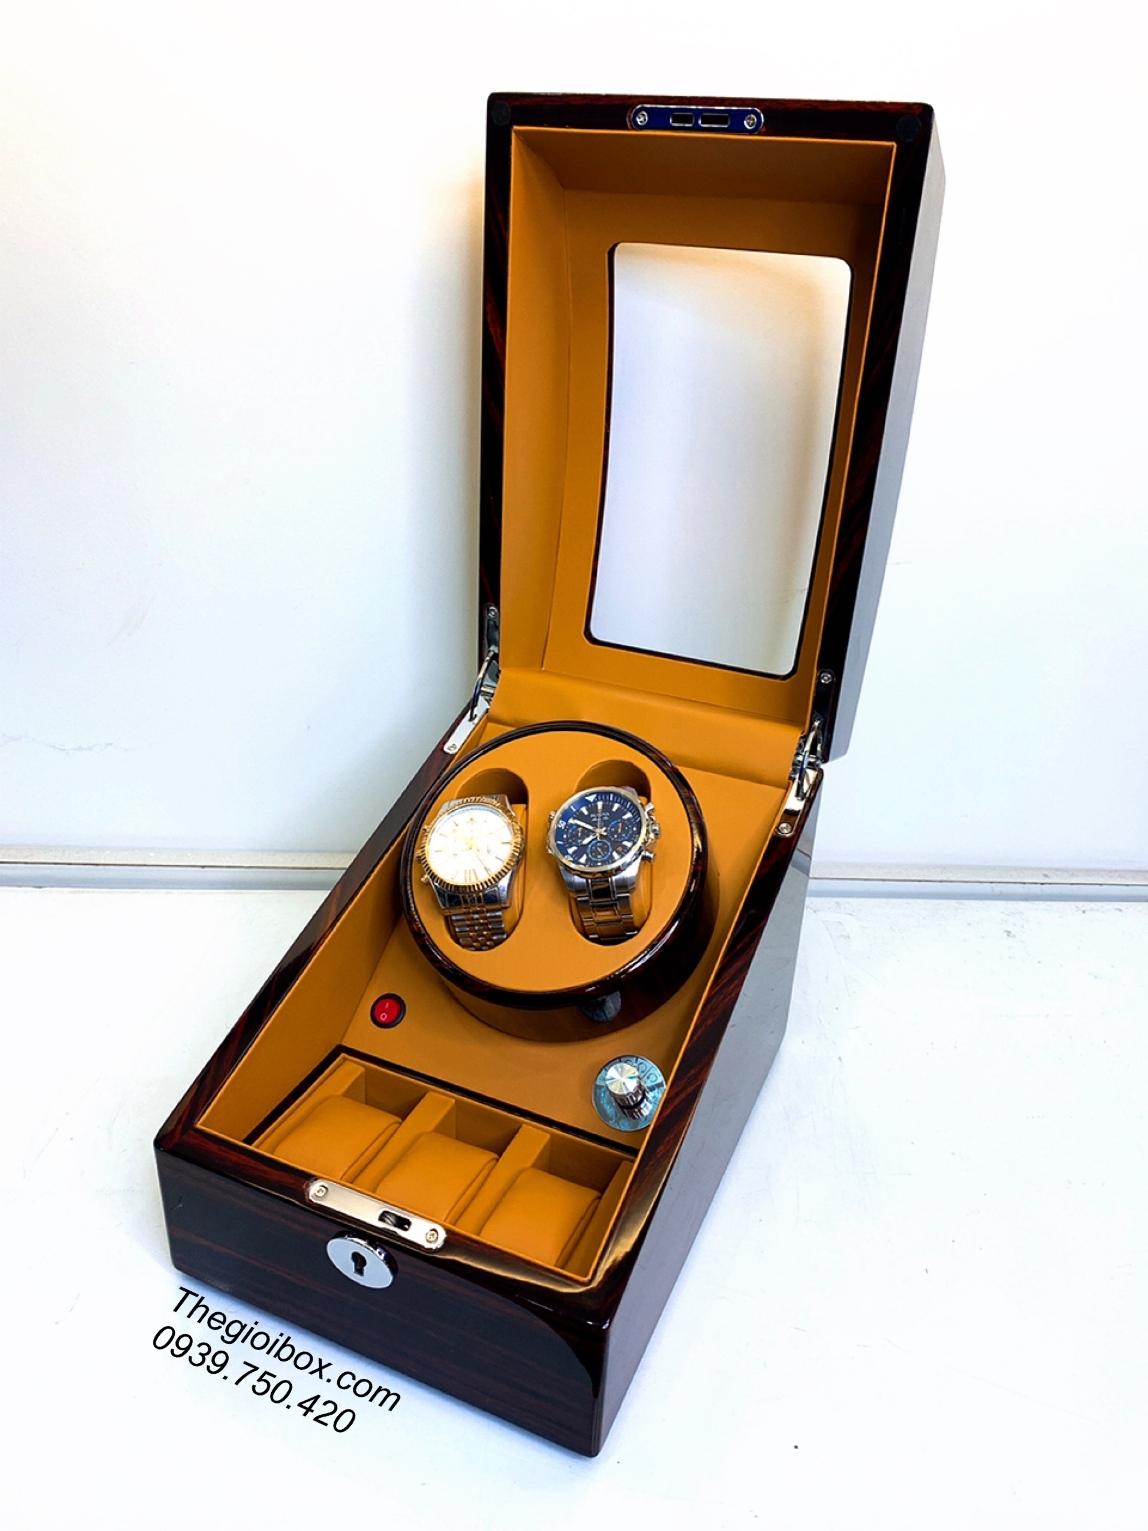 hộp lắc lên dây tích cót đồng hồ cơ 2 ngăn xoay giá rẻ